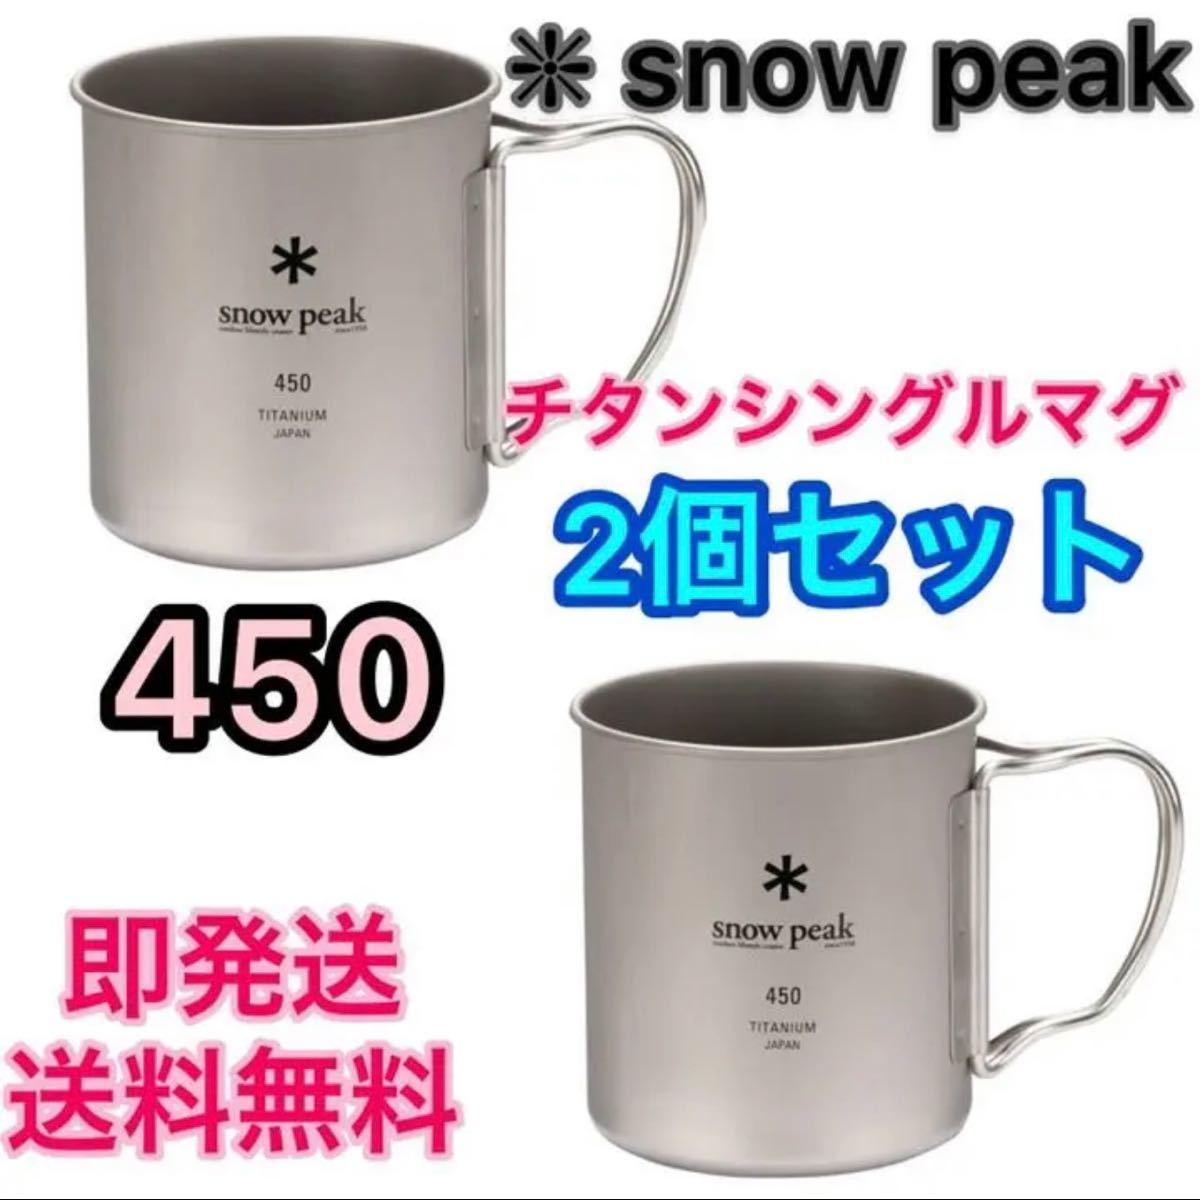 スノーピーク チタンシングルマグ 450 ★2個【新品】snowpeak★